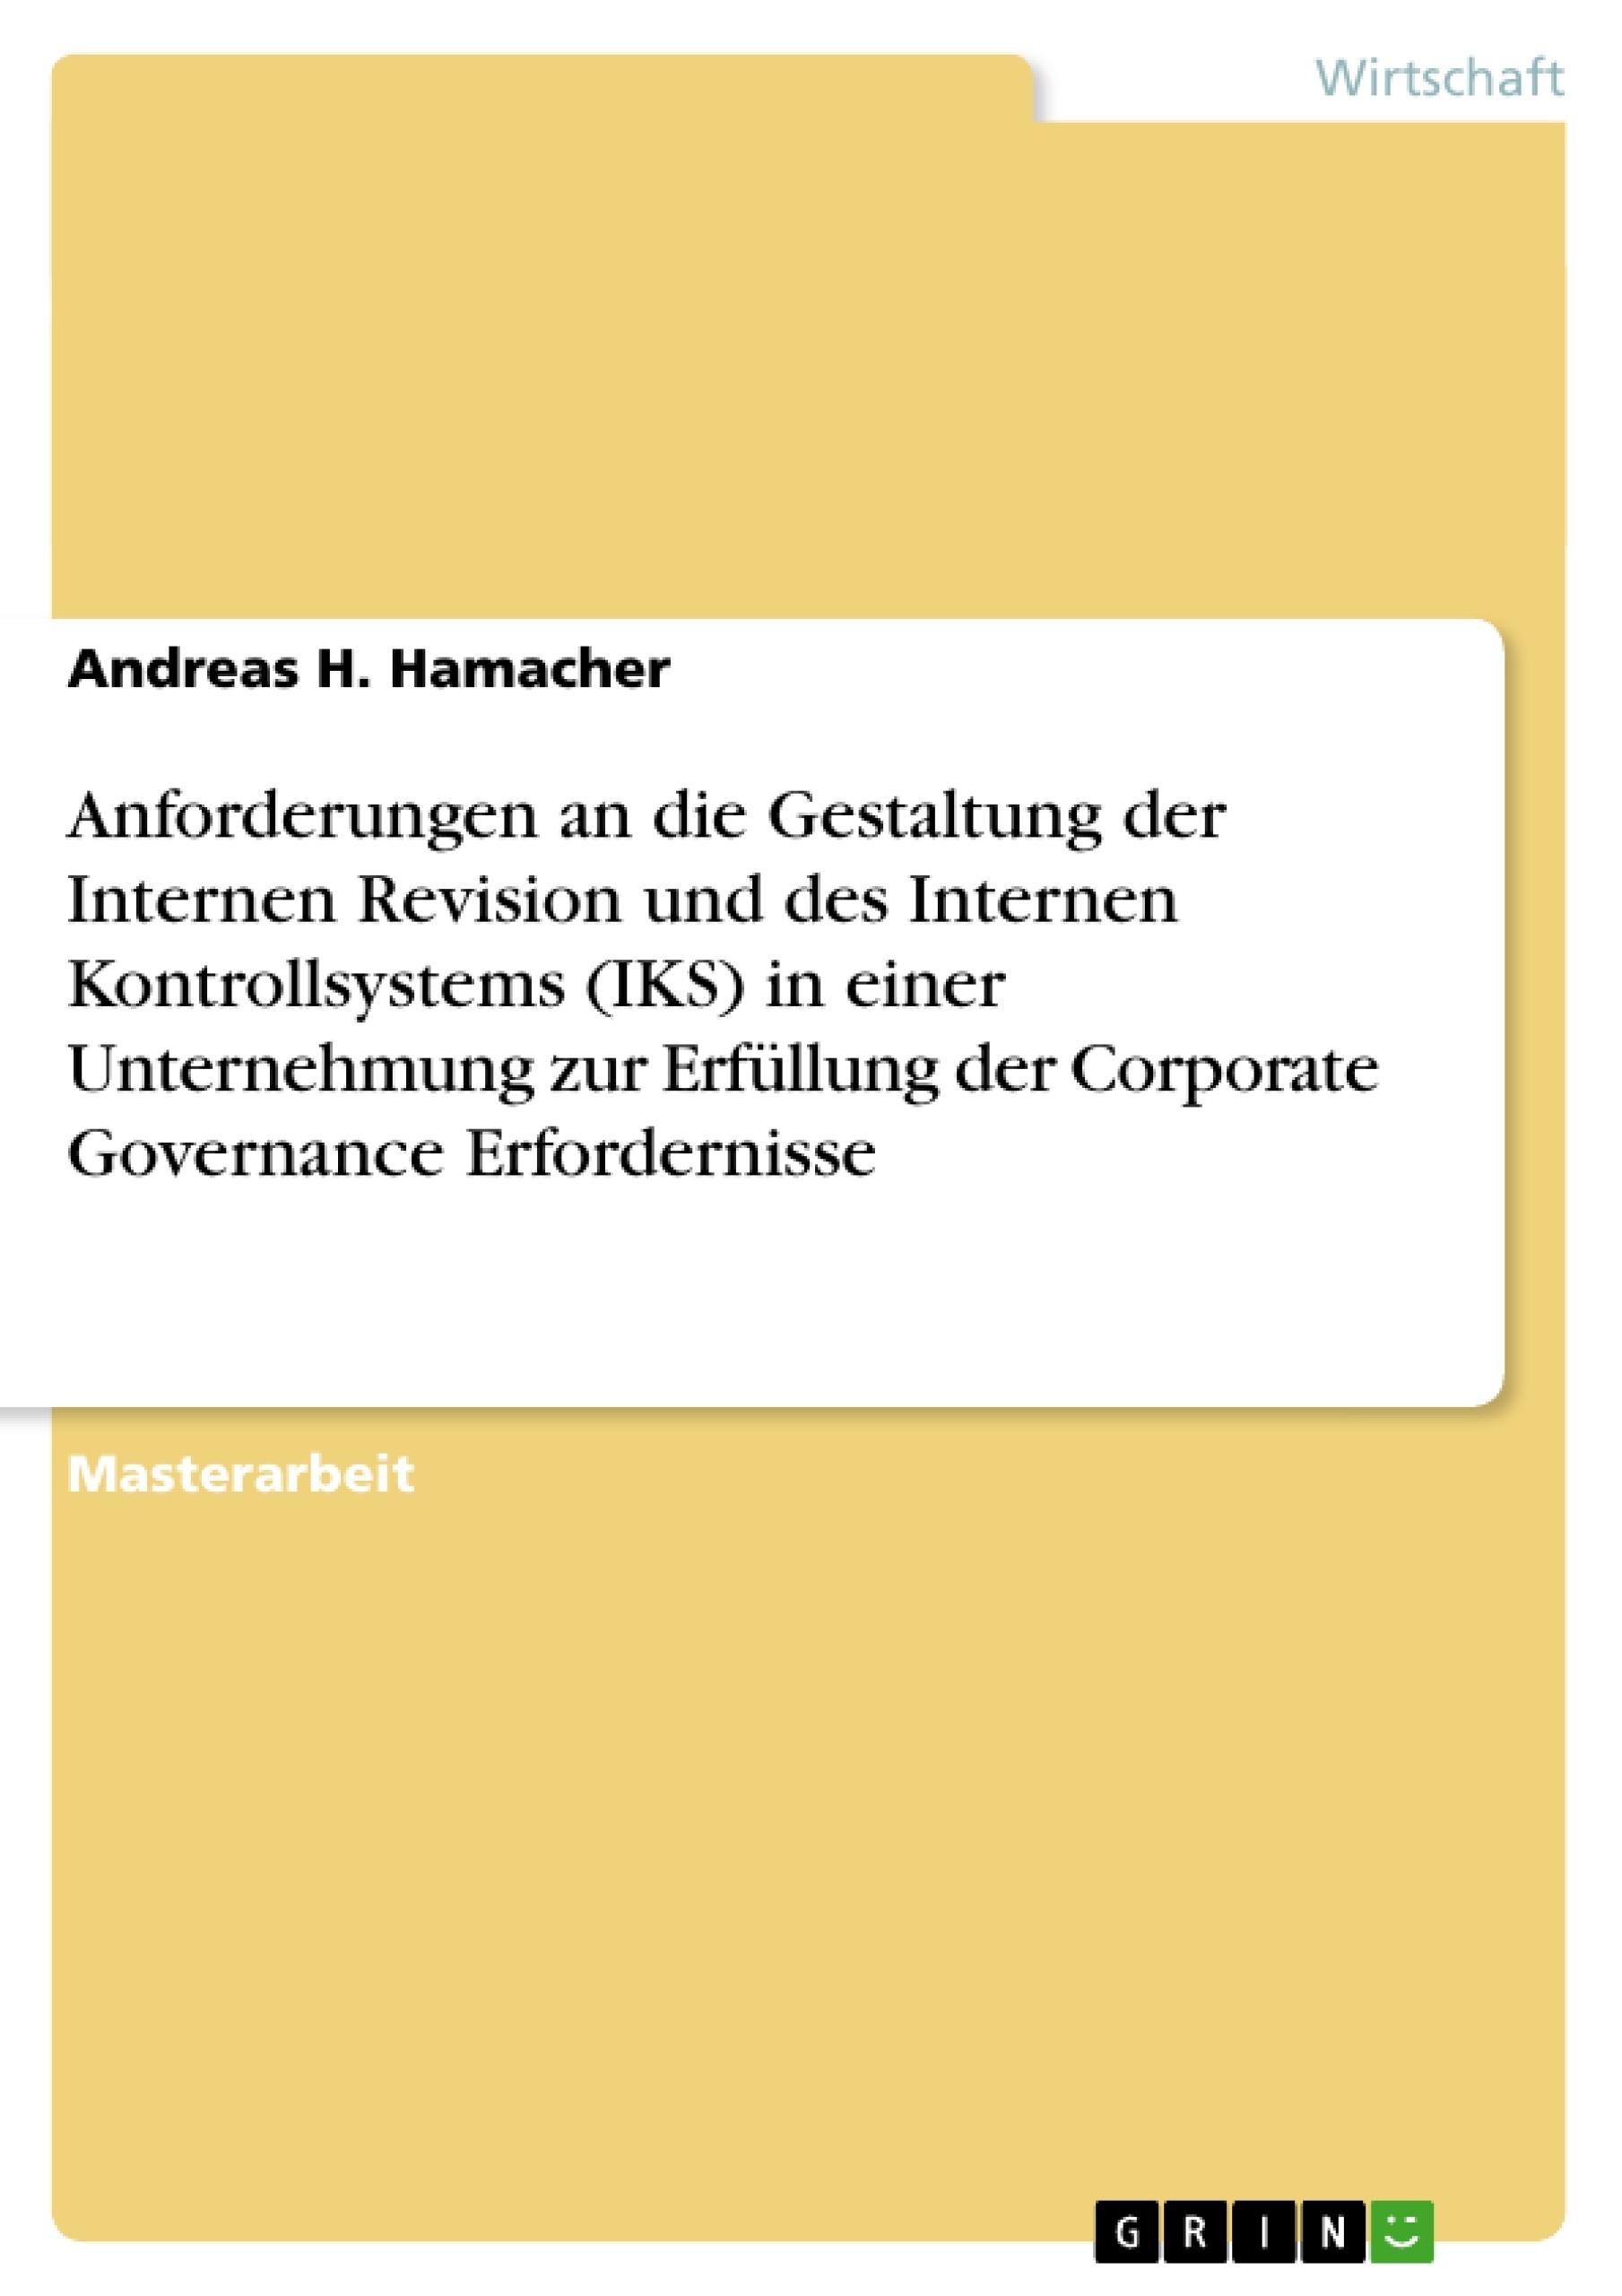 Titel: Anforderungen an die Gestaltung der Internen Revision und des Internen Kontrollsystems (IKS) in einer Unternehmung zur Erfüllung der Corporate Governance Erfordernisse